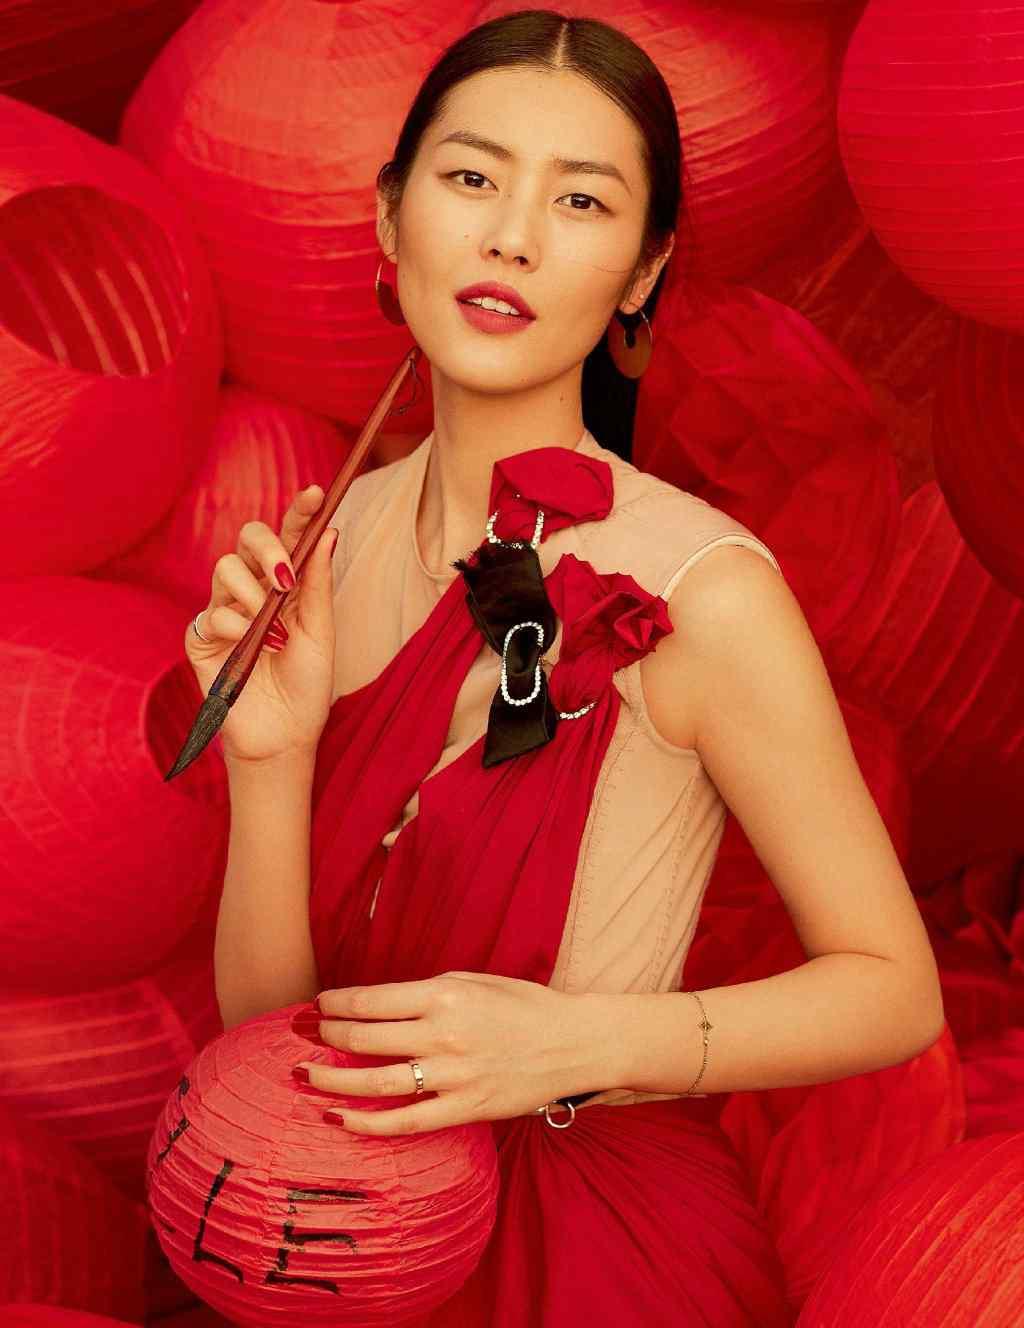 刘雯新春主题时尚大片高清写真